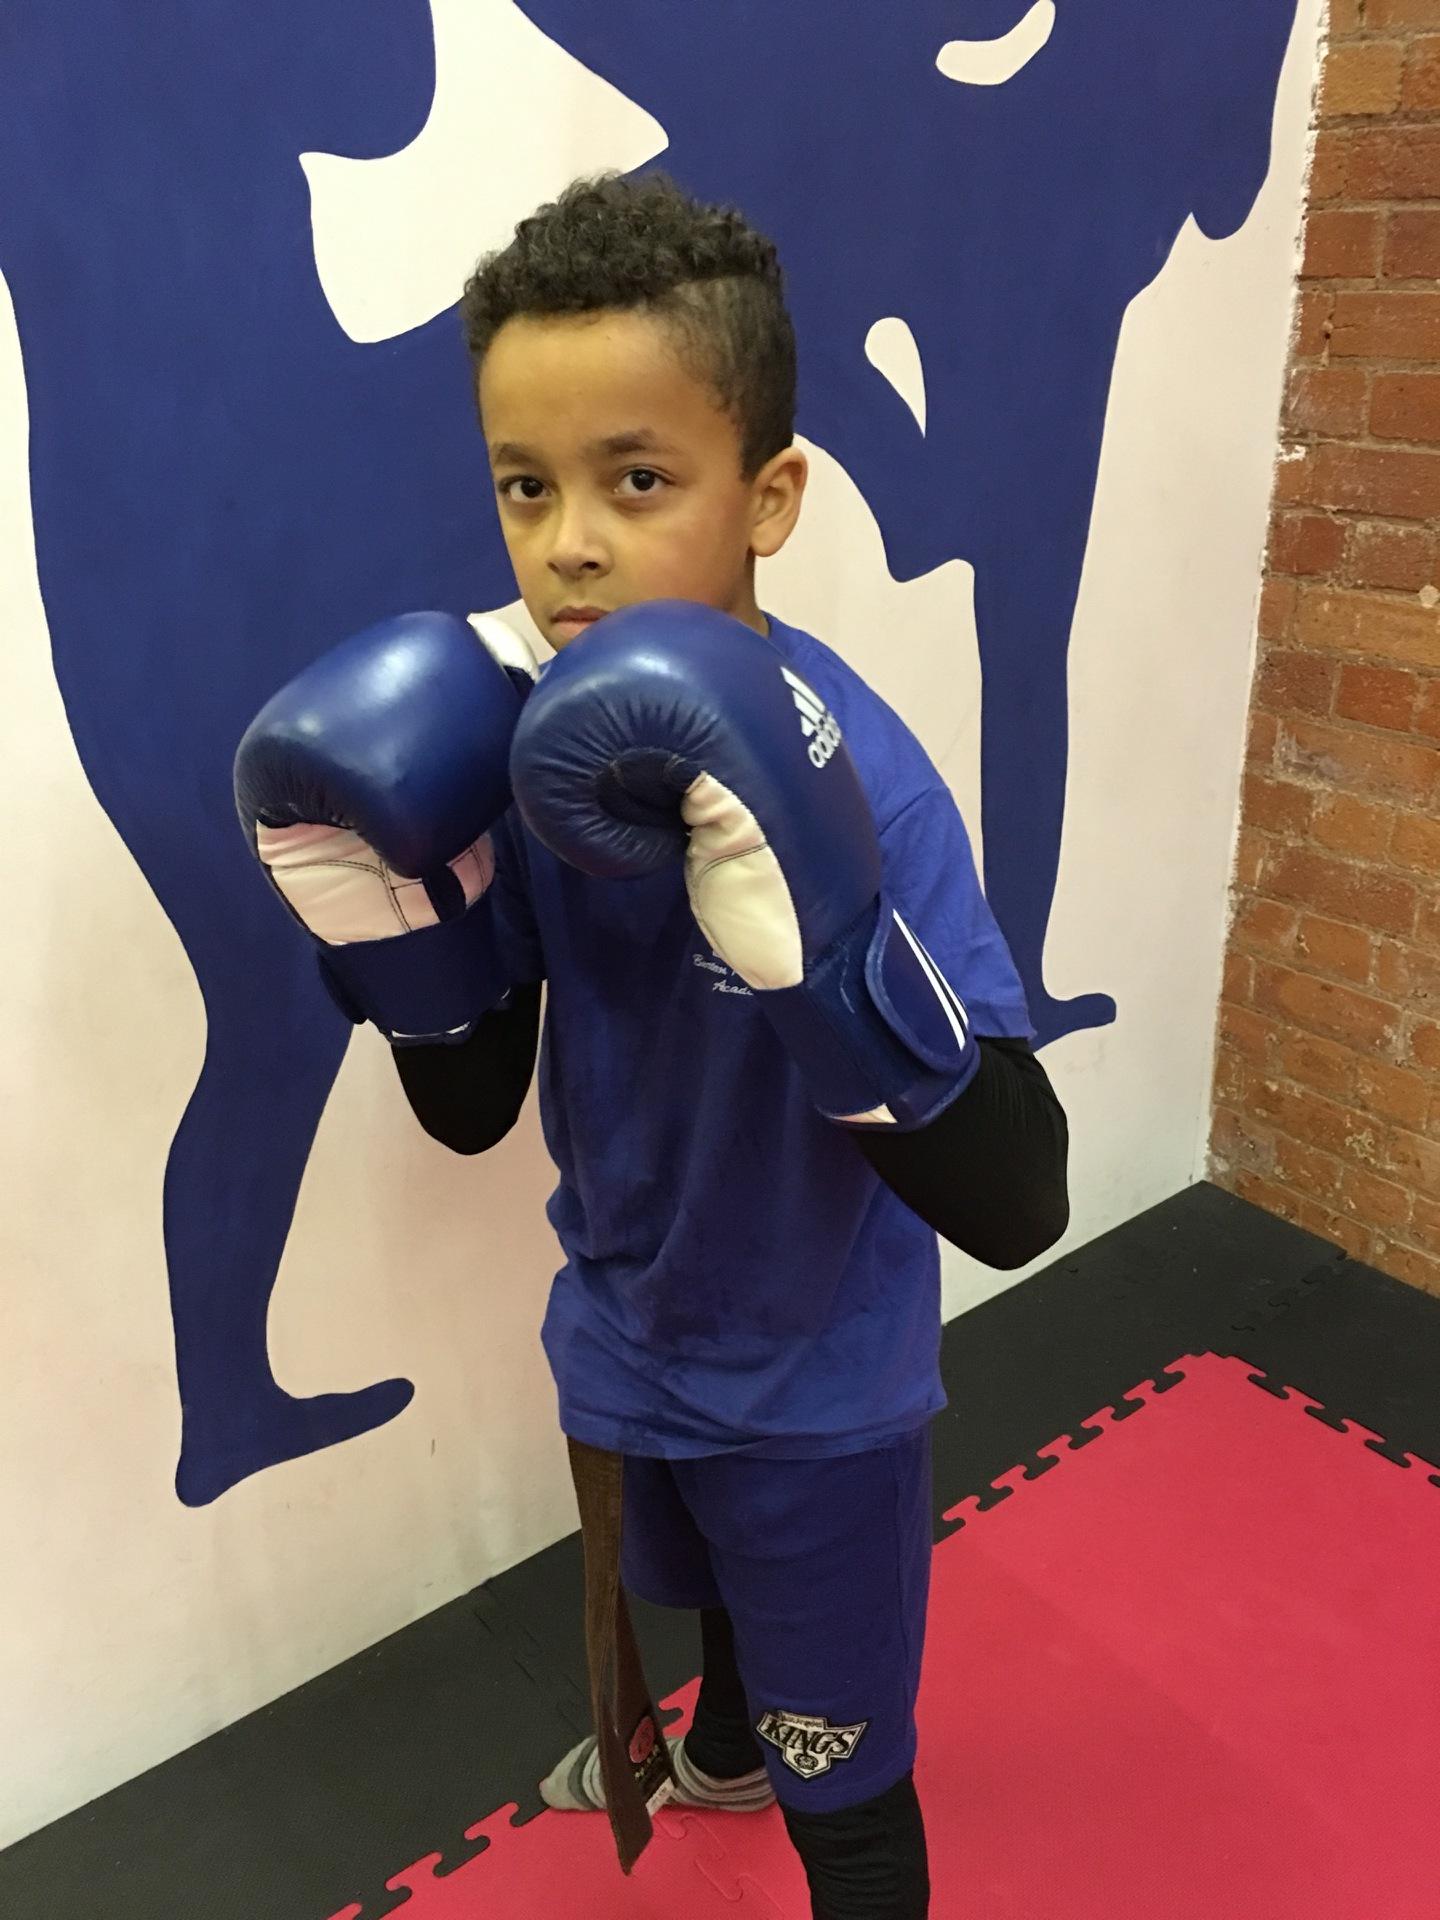 Fabian Purvis, Age 10yrs, 38kg